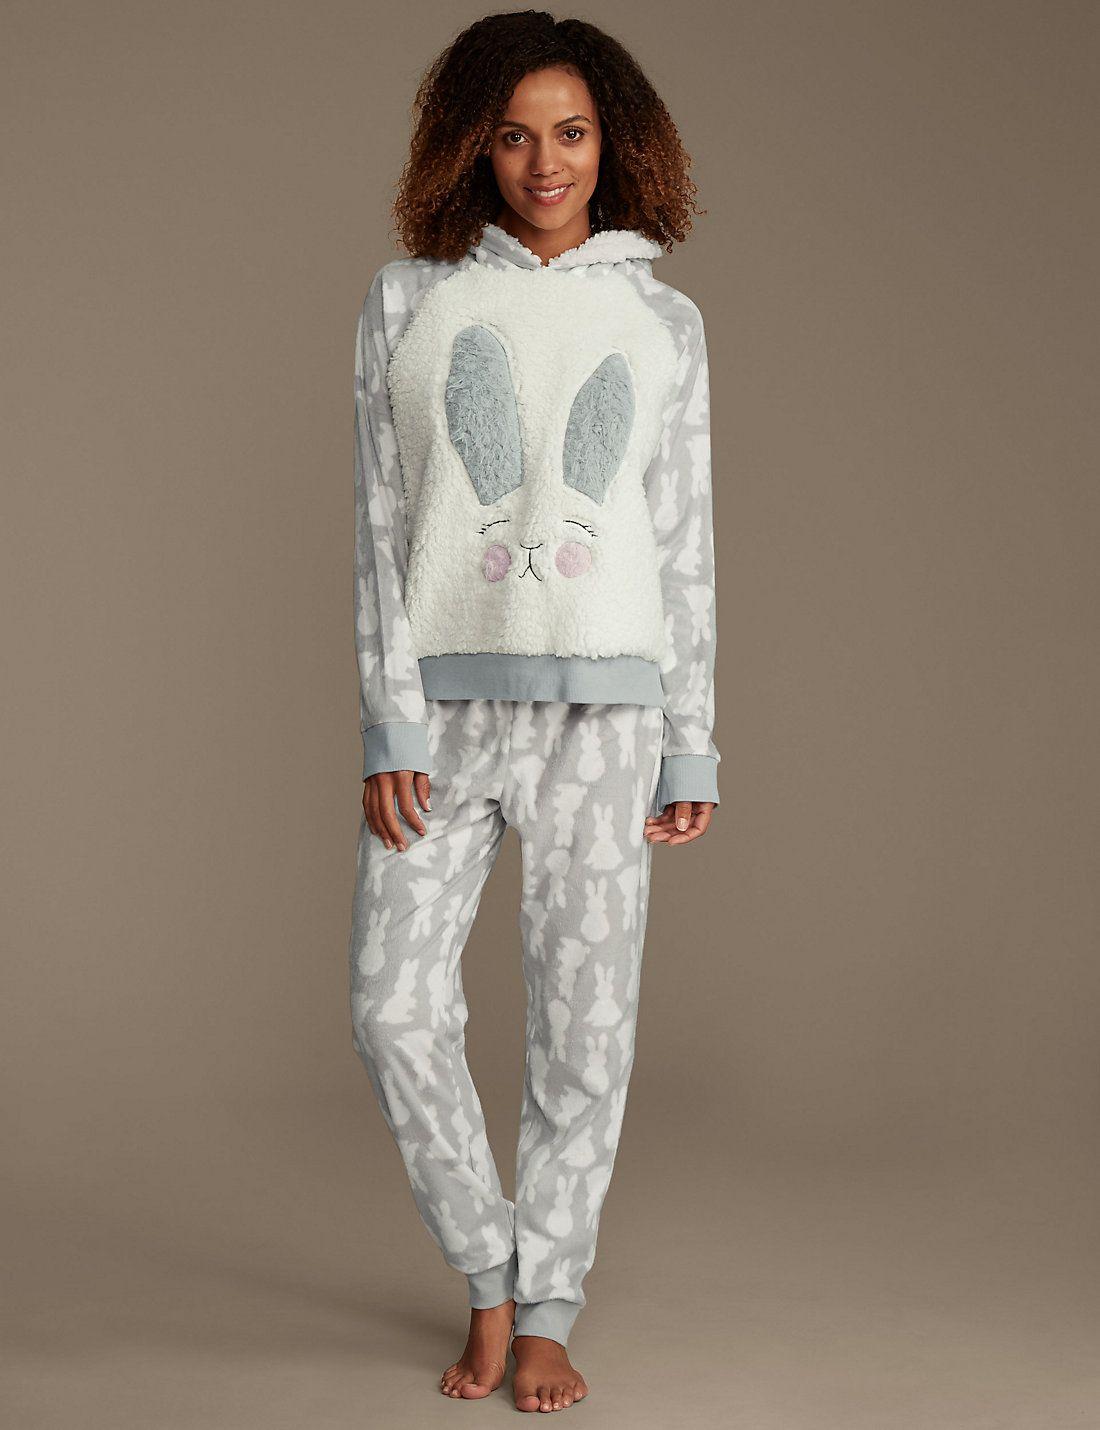 abc9d8f2a488d Hopping Bunny Print Fleece Pyjamas in 2019 | Cozy Comforts | Pyjamas ...